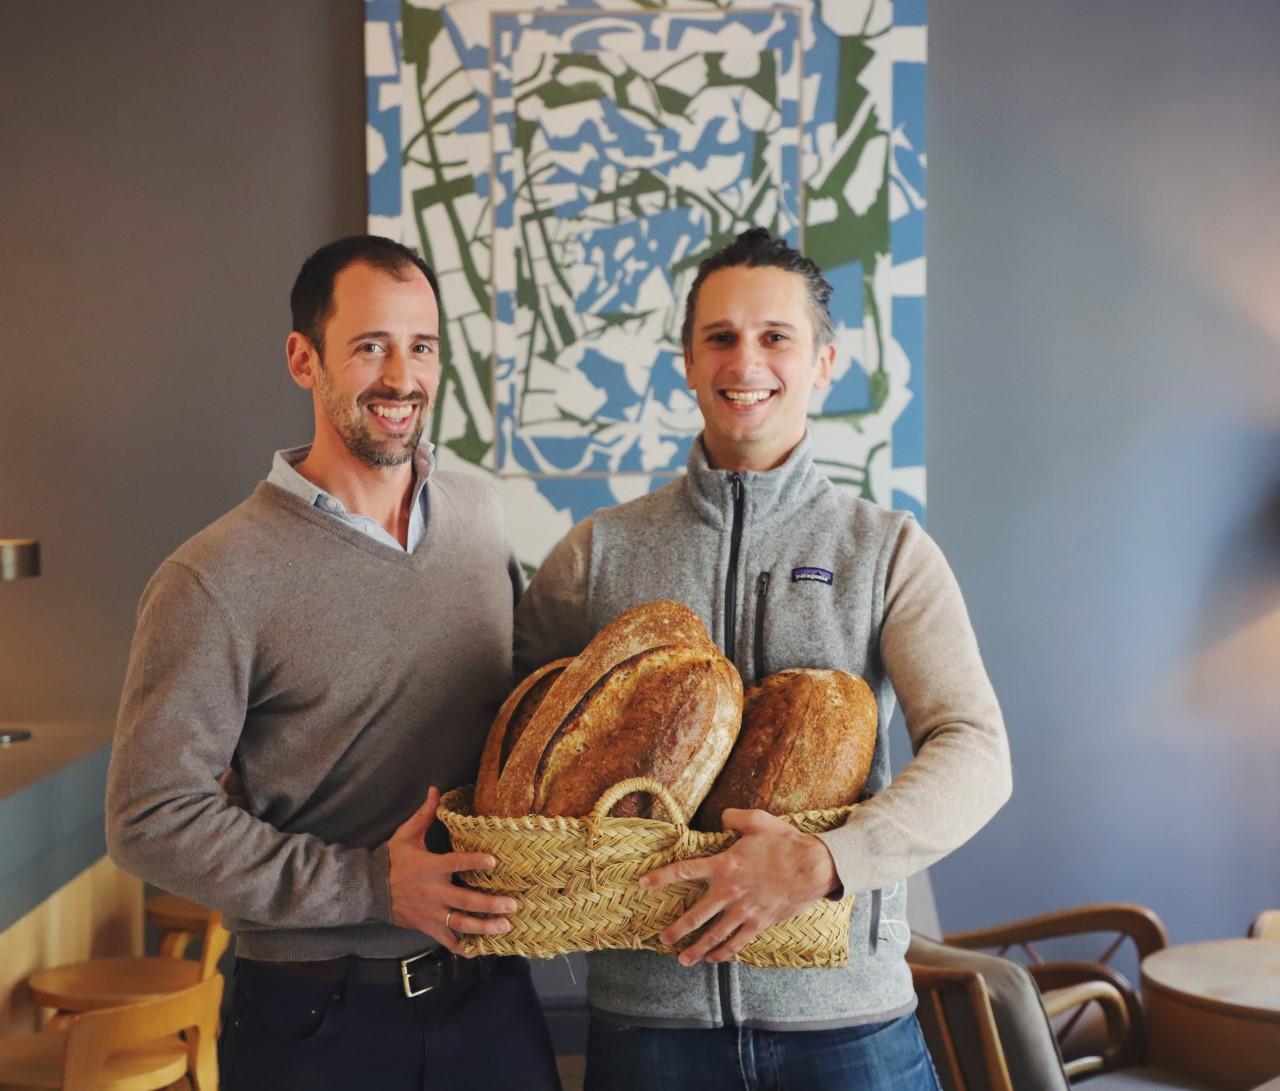 El mejor pan de Madrid 2020 es de Ciento Treinta Grados, ganador de la tercera edición del premio de Club Matador